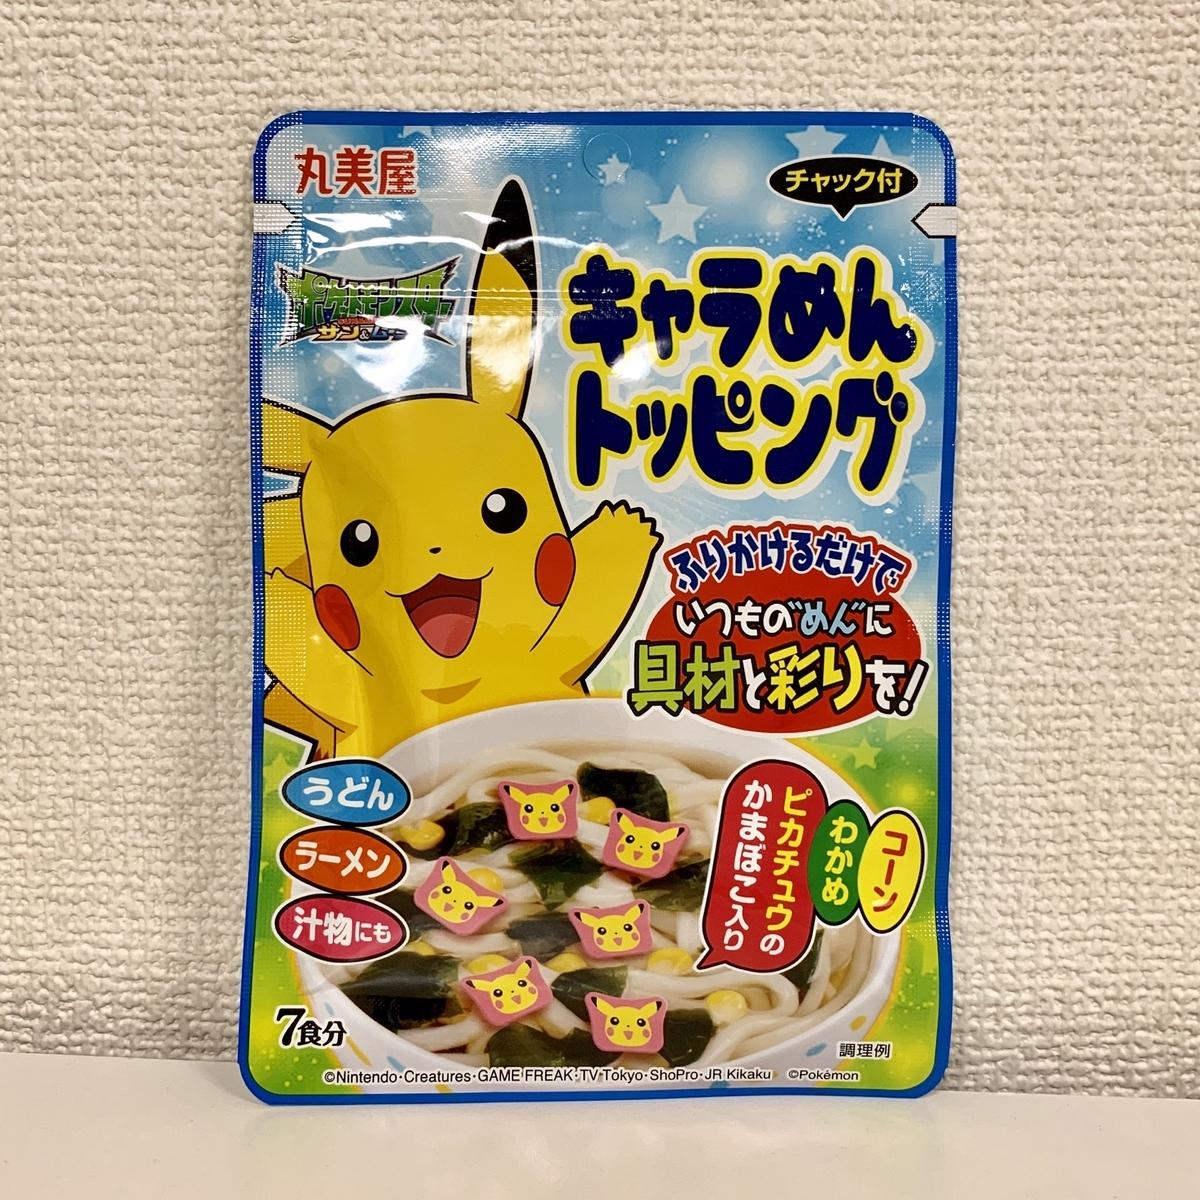 f:id:pikachu_pcn:20191014203706j:plain